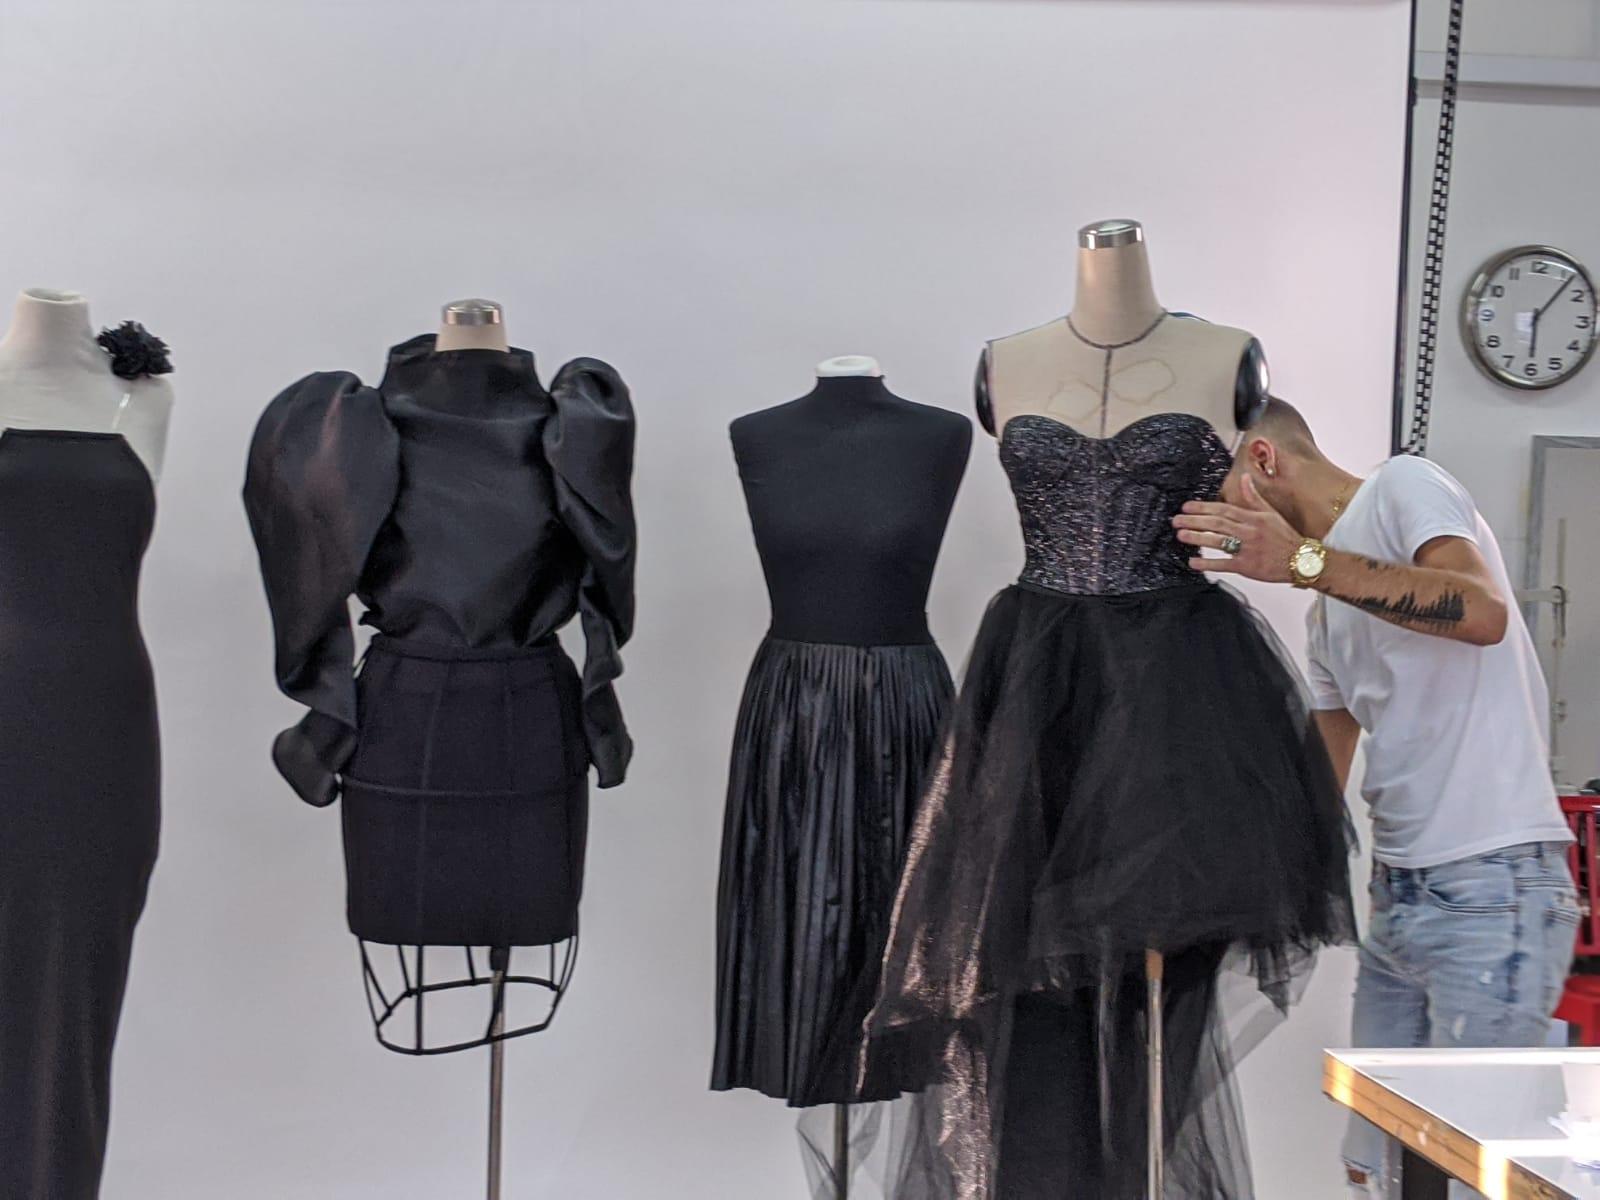 פרקטיקה במסגרת בית ספר לעיצוב אופנה במרכז – הכרחית או מיותרת?